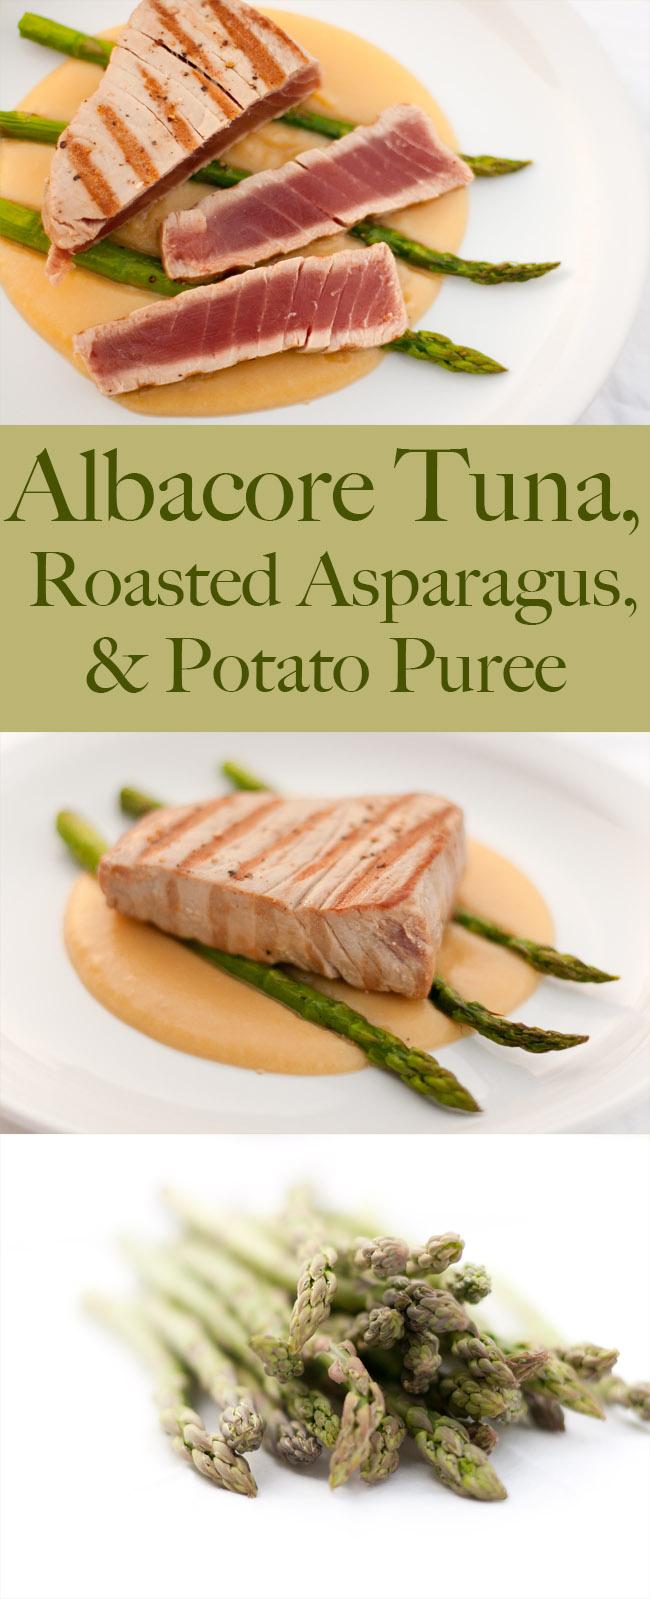 Seared Albacore Tuna over Roasted Asparagus and Potato Puree